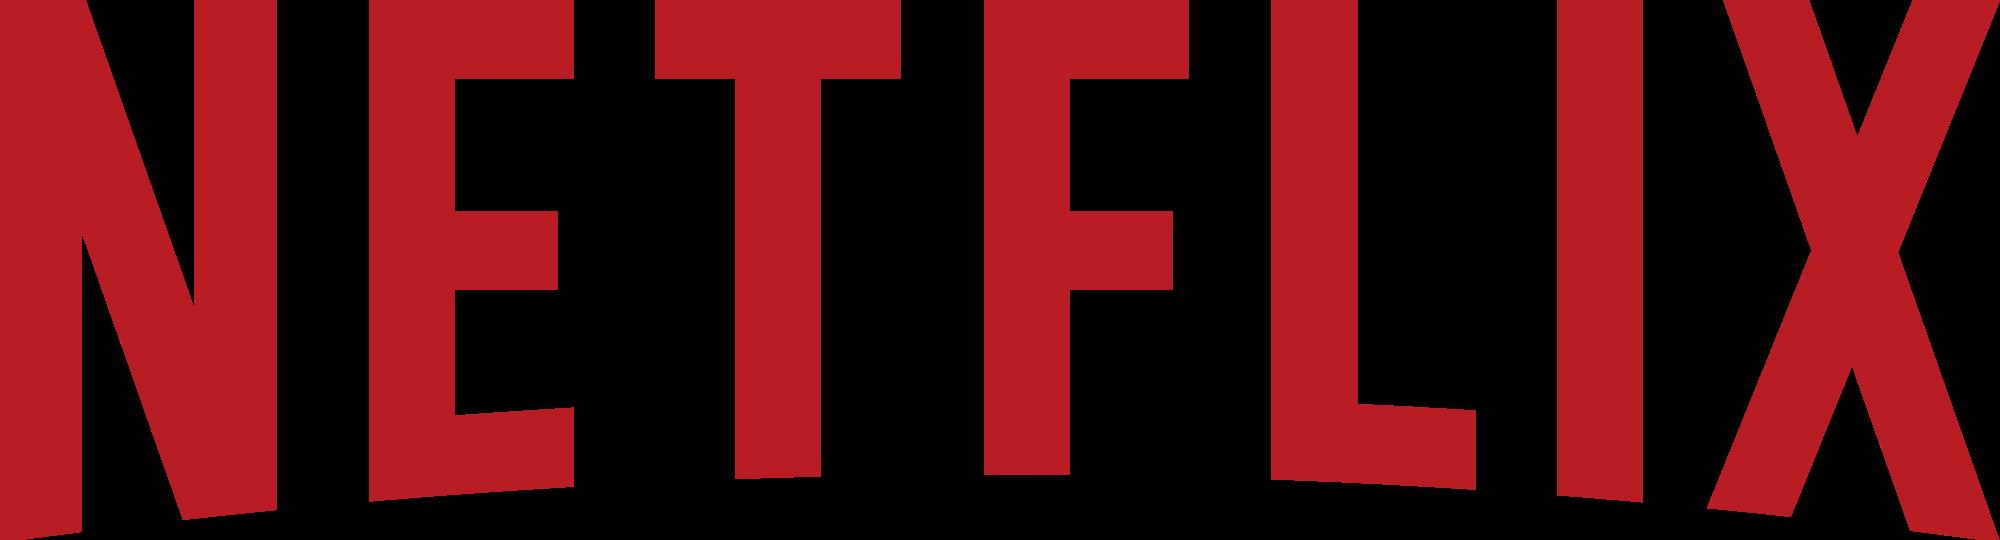 vector royalty free library netflix vector emblem #100303888